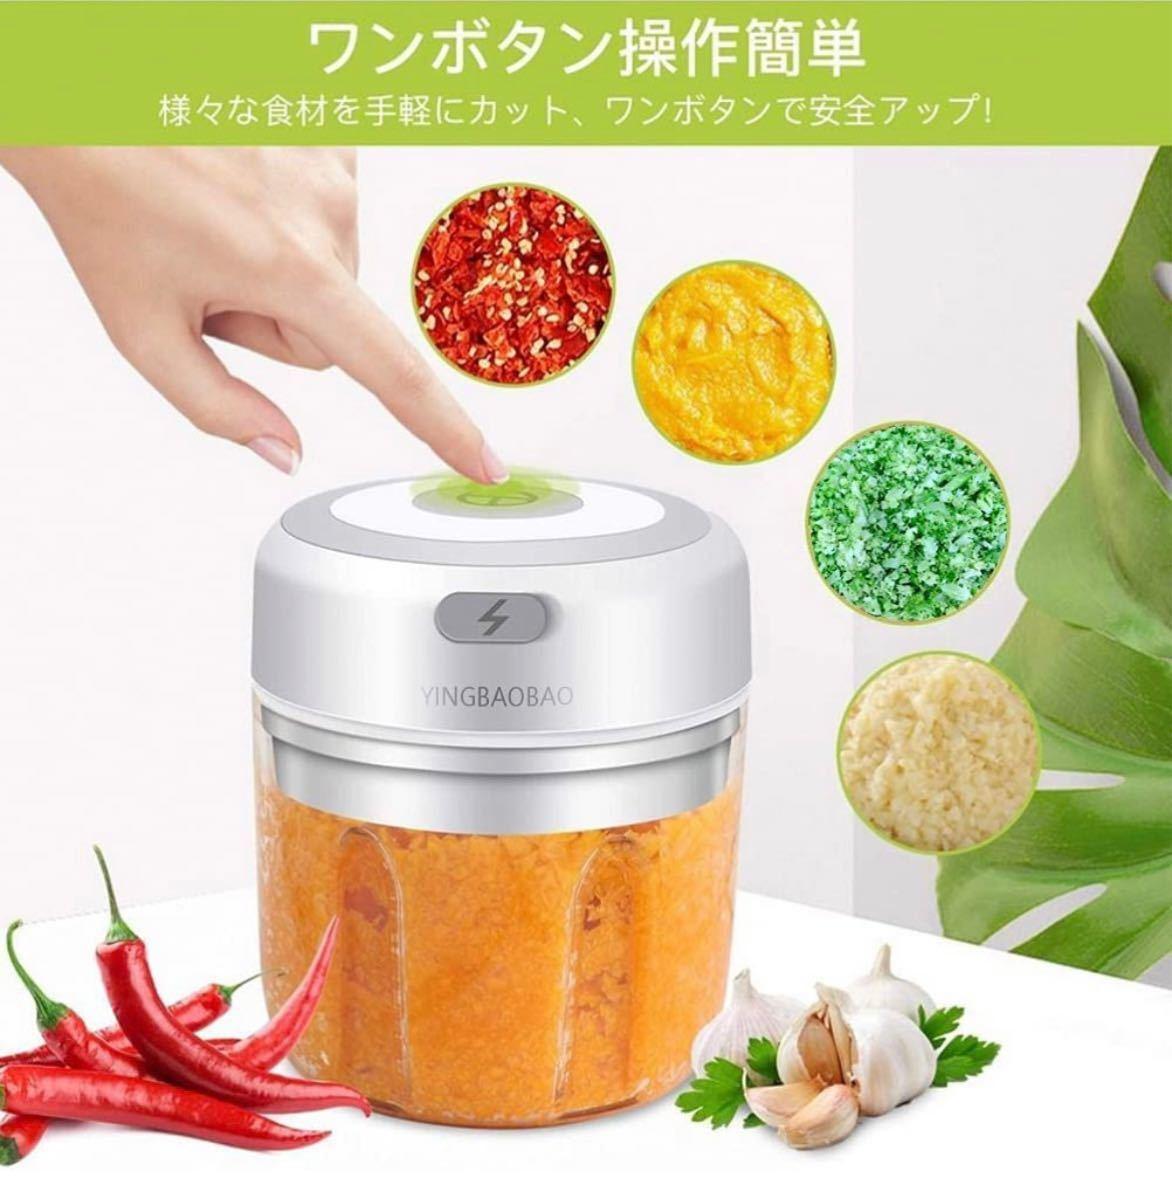 【※新品未使用】みじん切り器 野菜カッター 調理器具 USB充電式 ミキサー みじん切り 大容量電池